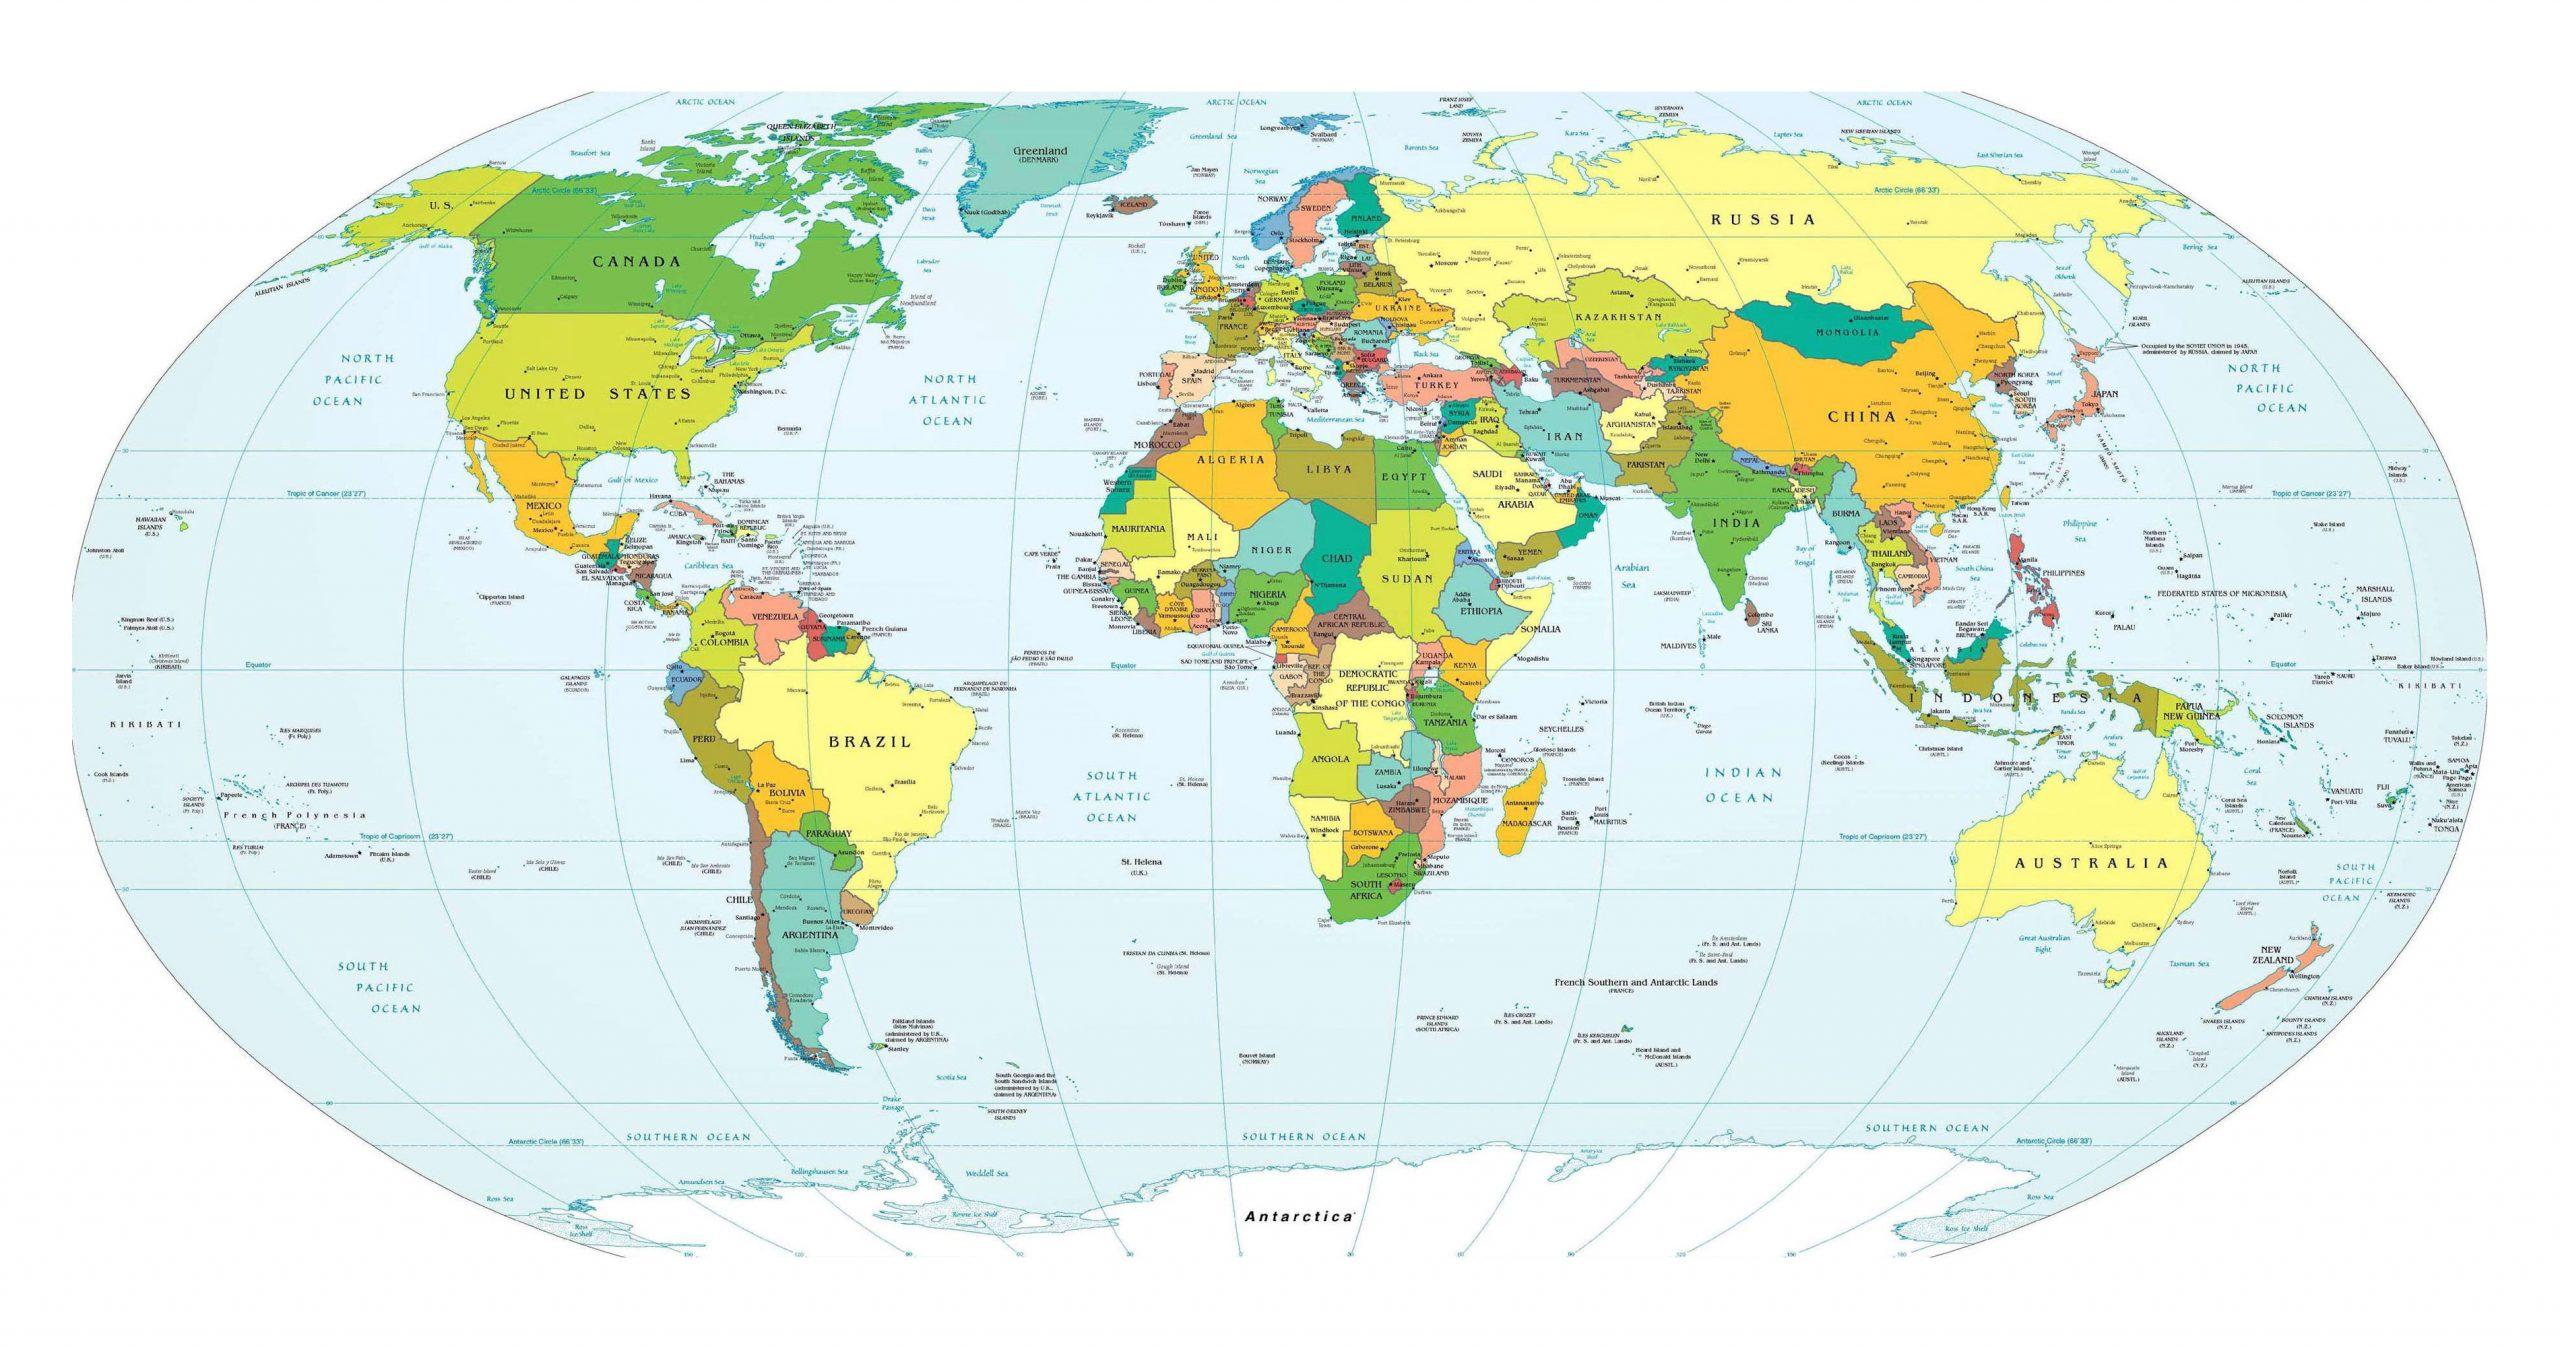 Carte Du Monde Détaillée Avec Pays Et Capitales - Comparatif encequiconcerne Carte Du Monde Avec Continent